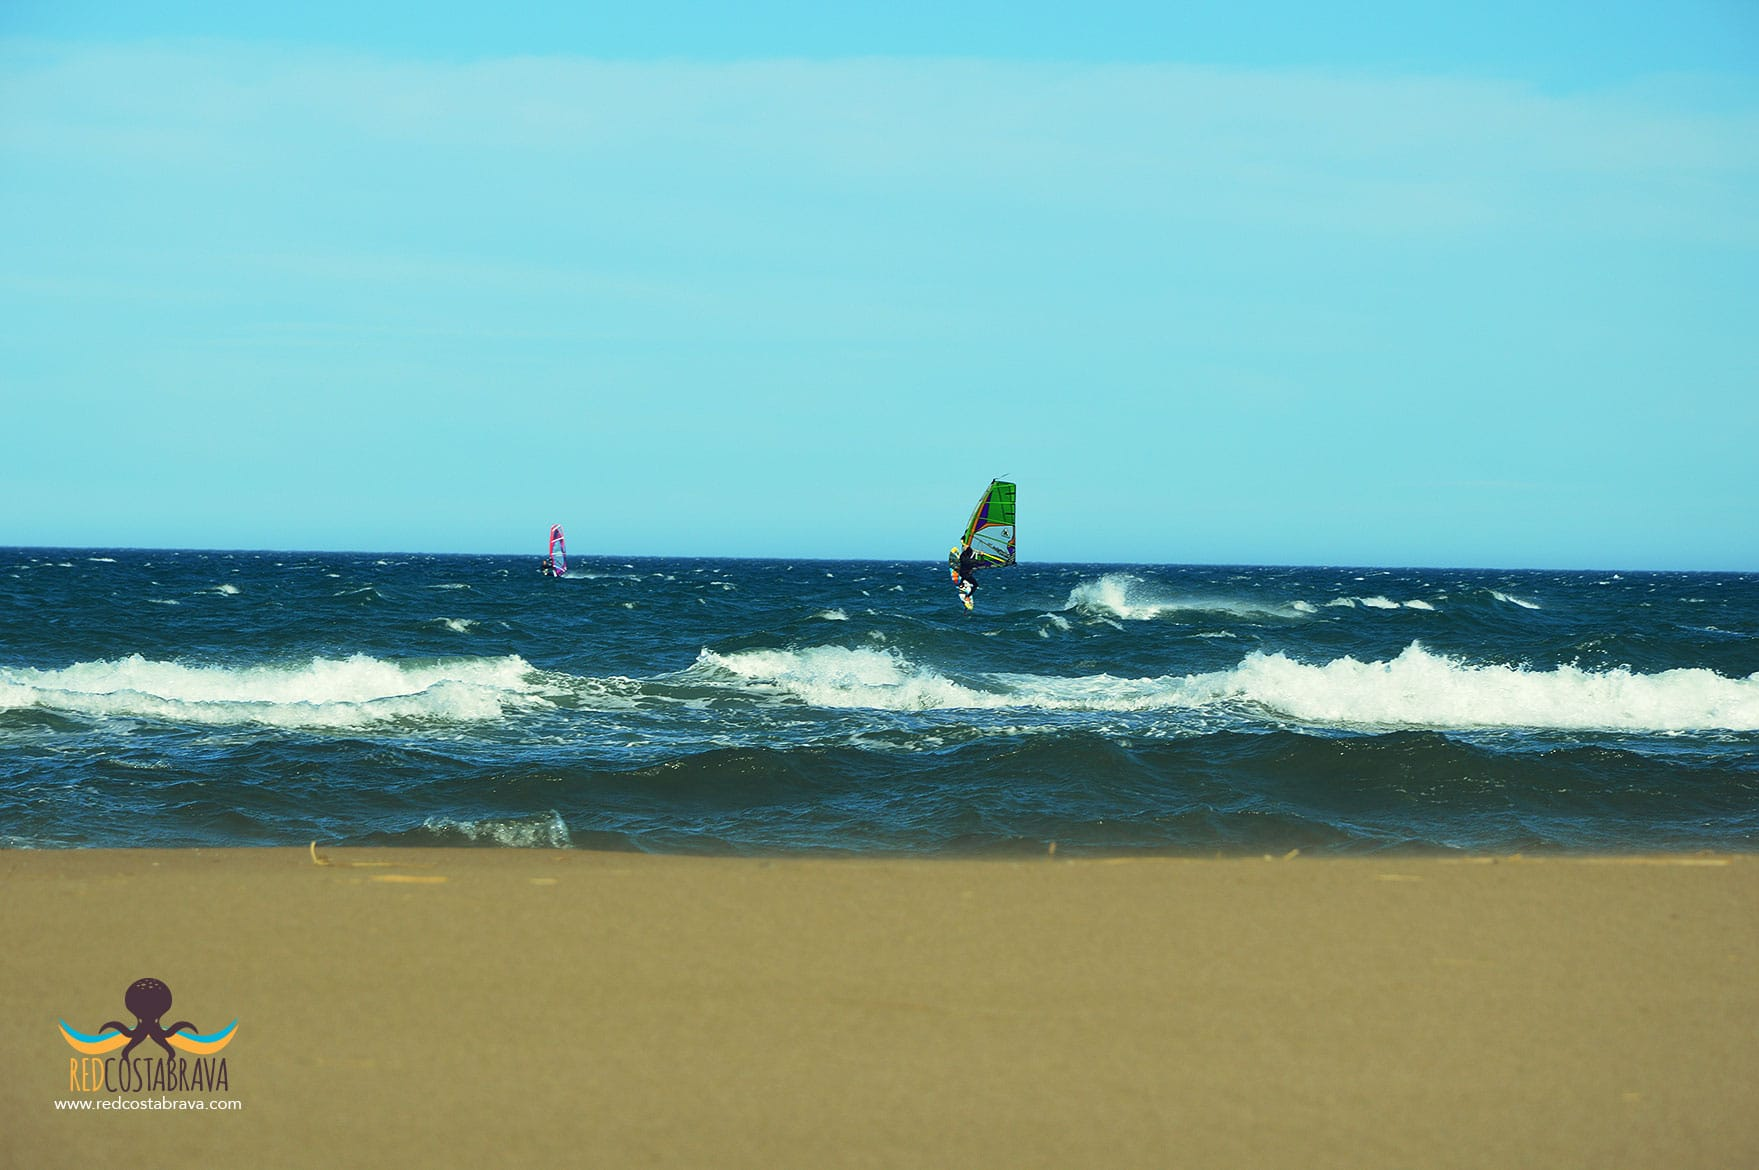 Sant Pere Pescador - windsurf